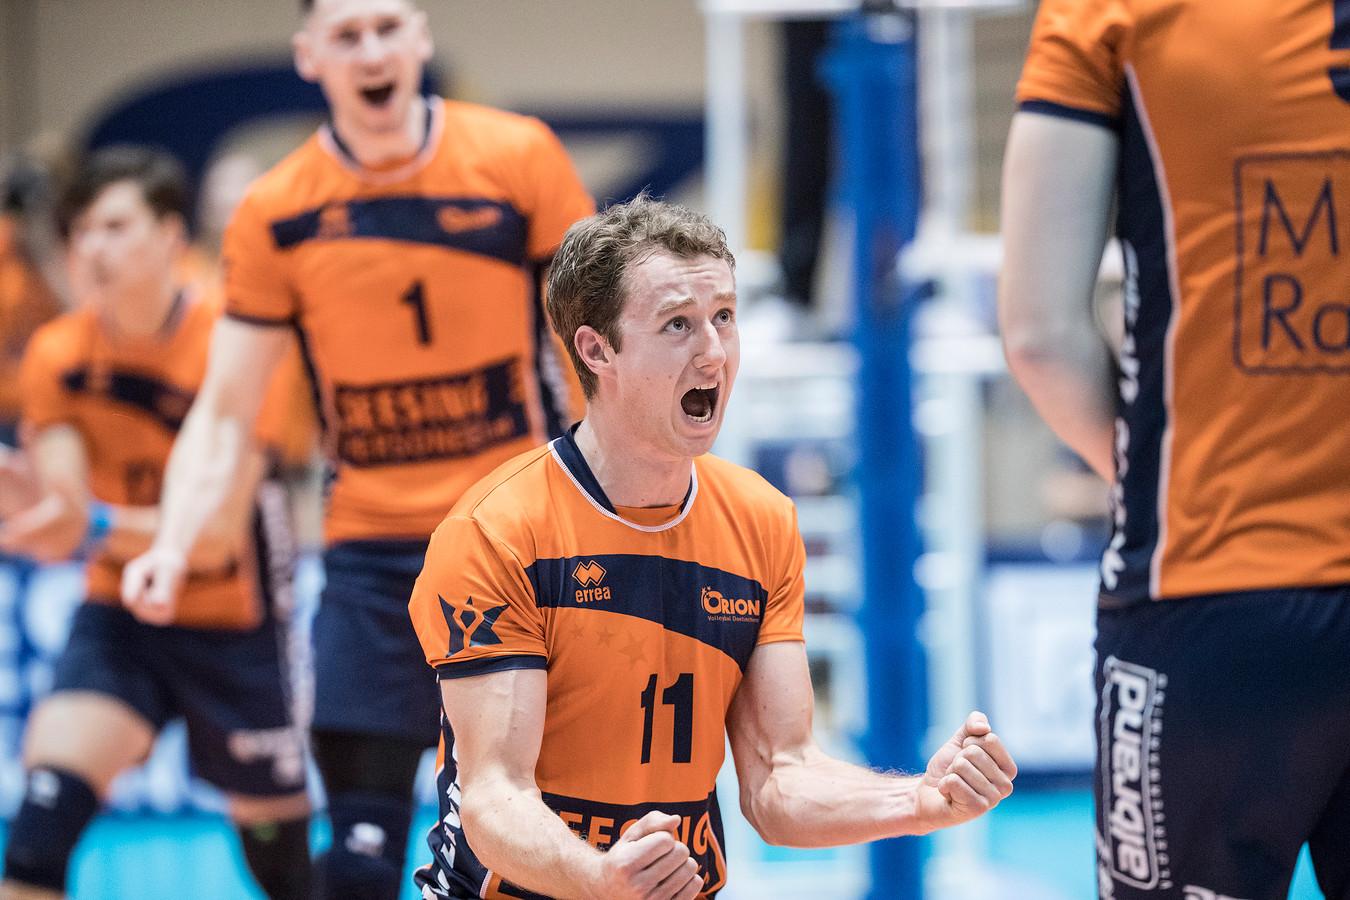 Orion start de nieuwe competitie in Apeldoorn.